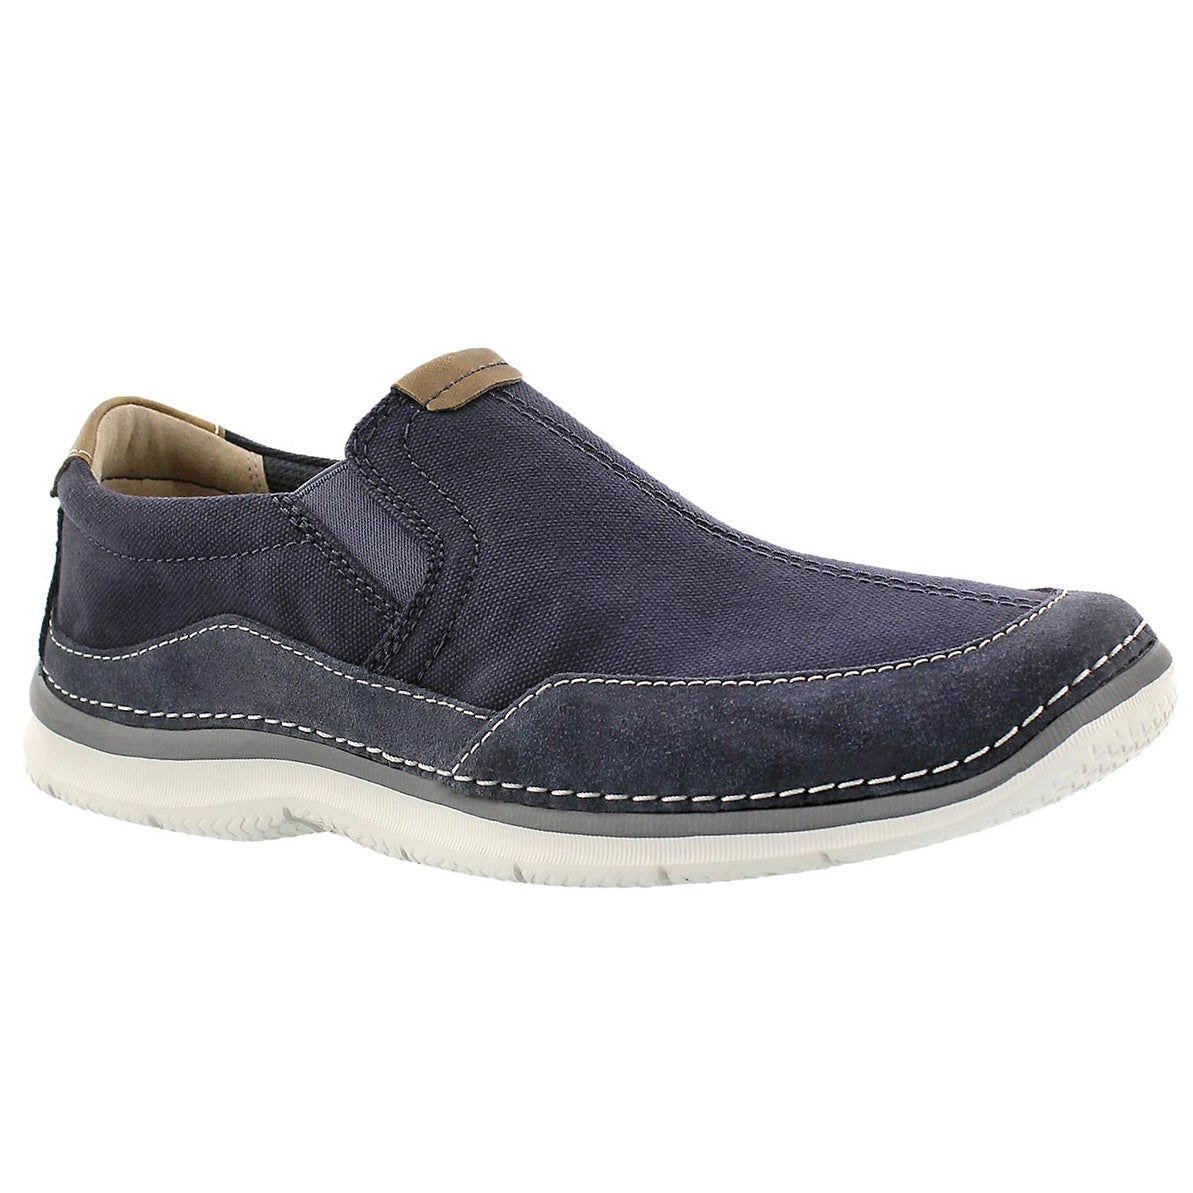 Mns Ripton Free blue slipon casual shoe